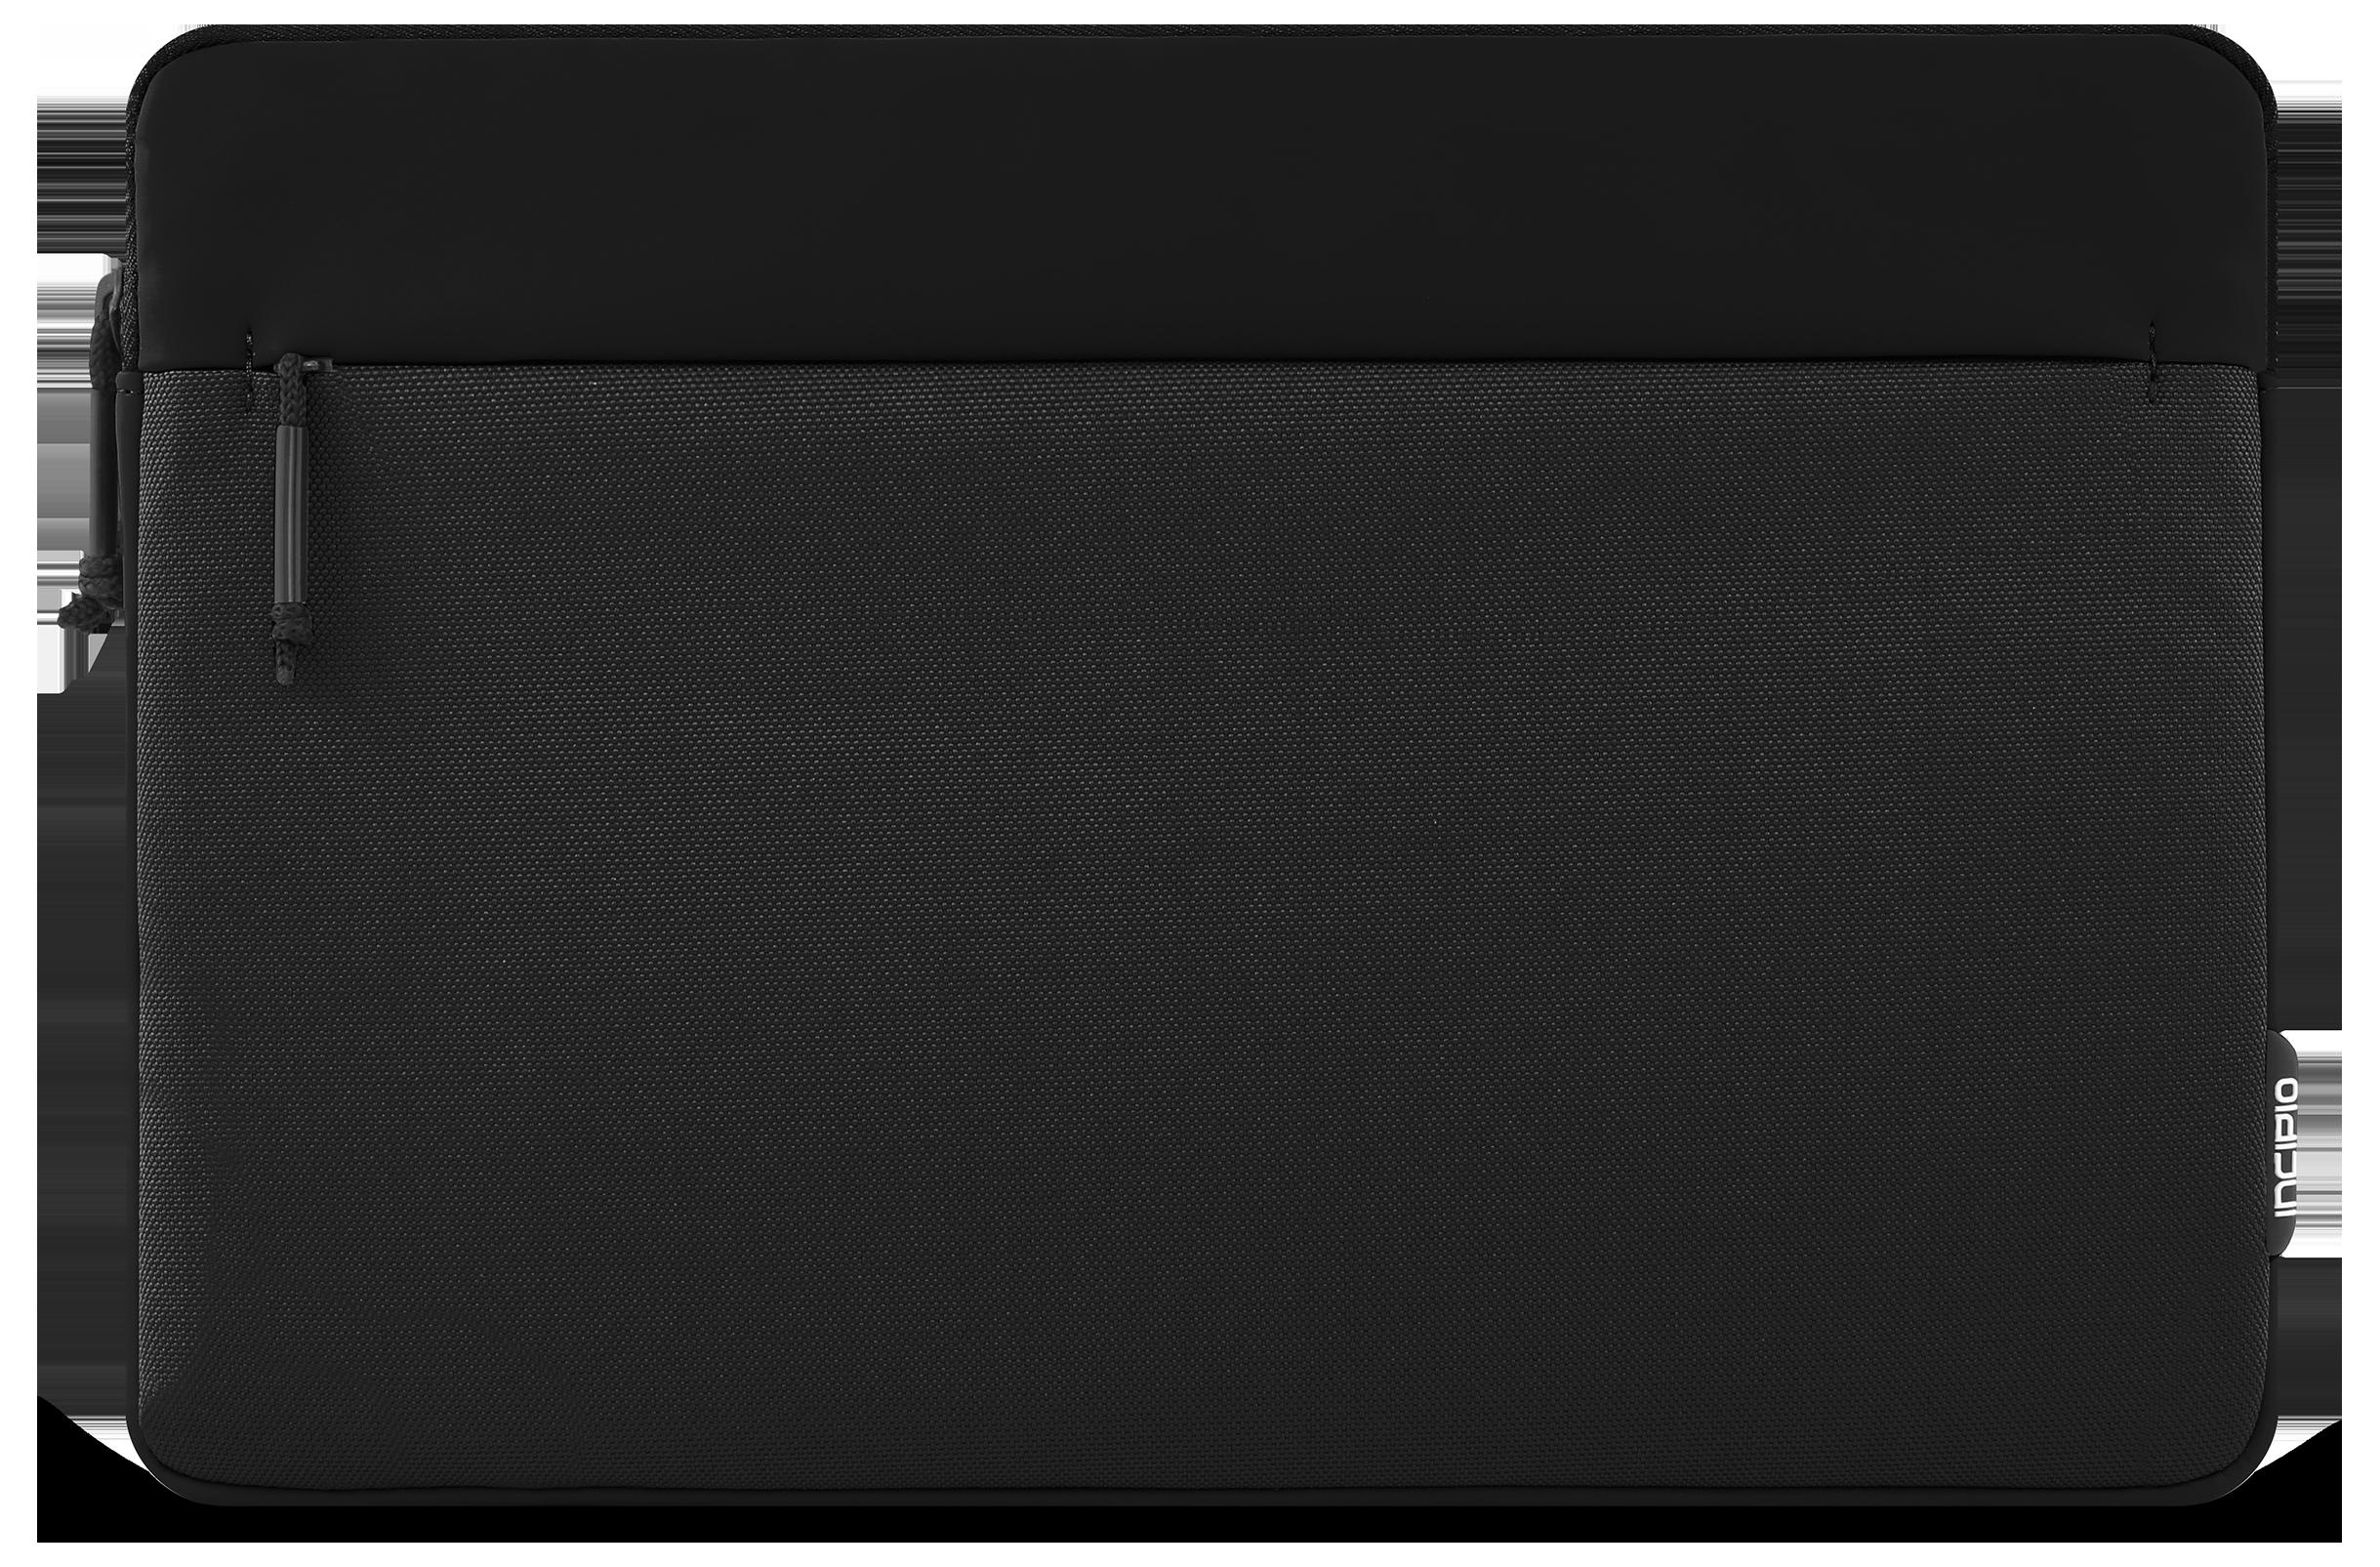 Etui Incipio Truman na urządzenie Surface Go wkolorze czarnym od przodu